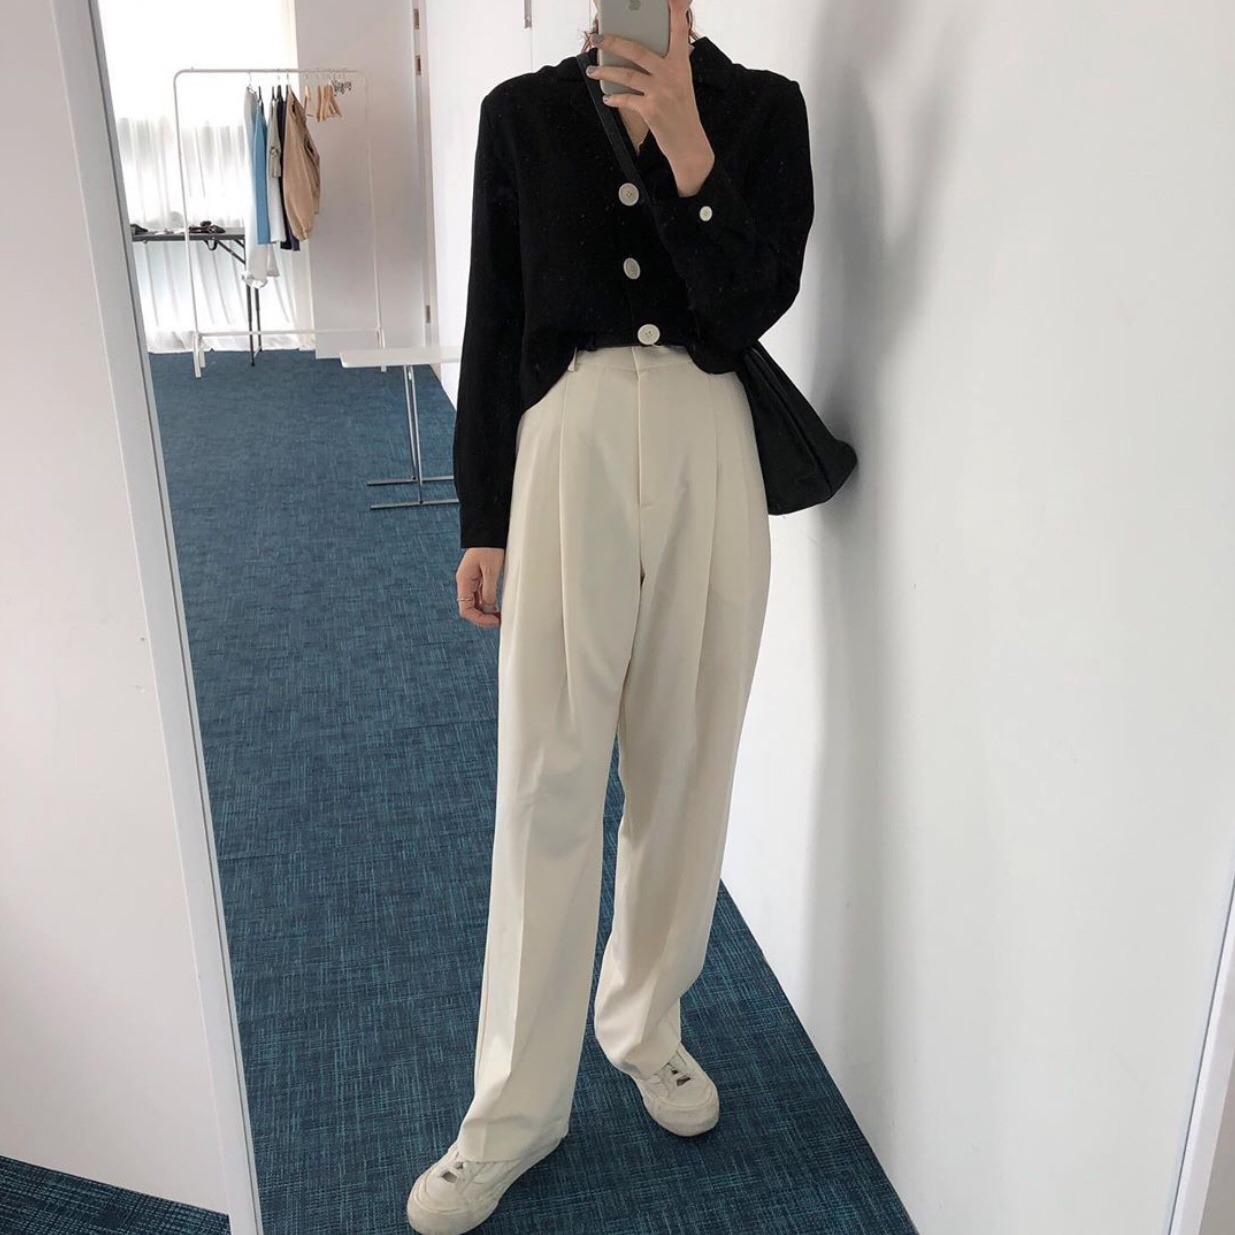 实价 百搭短款小西装衬衫+休闲大长腿西裤套装